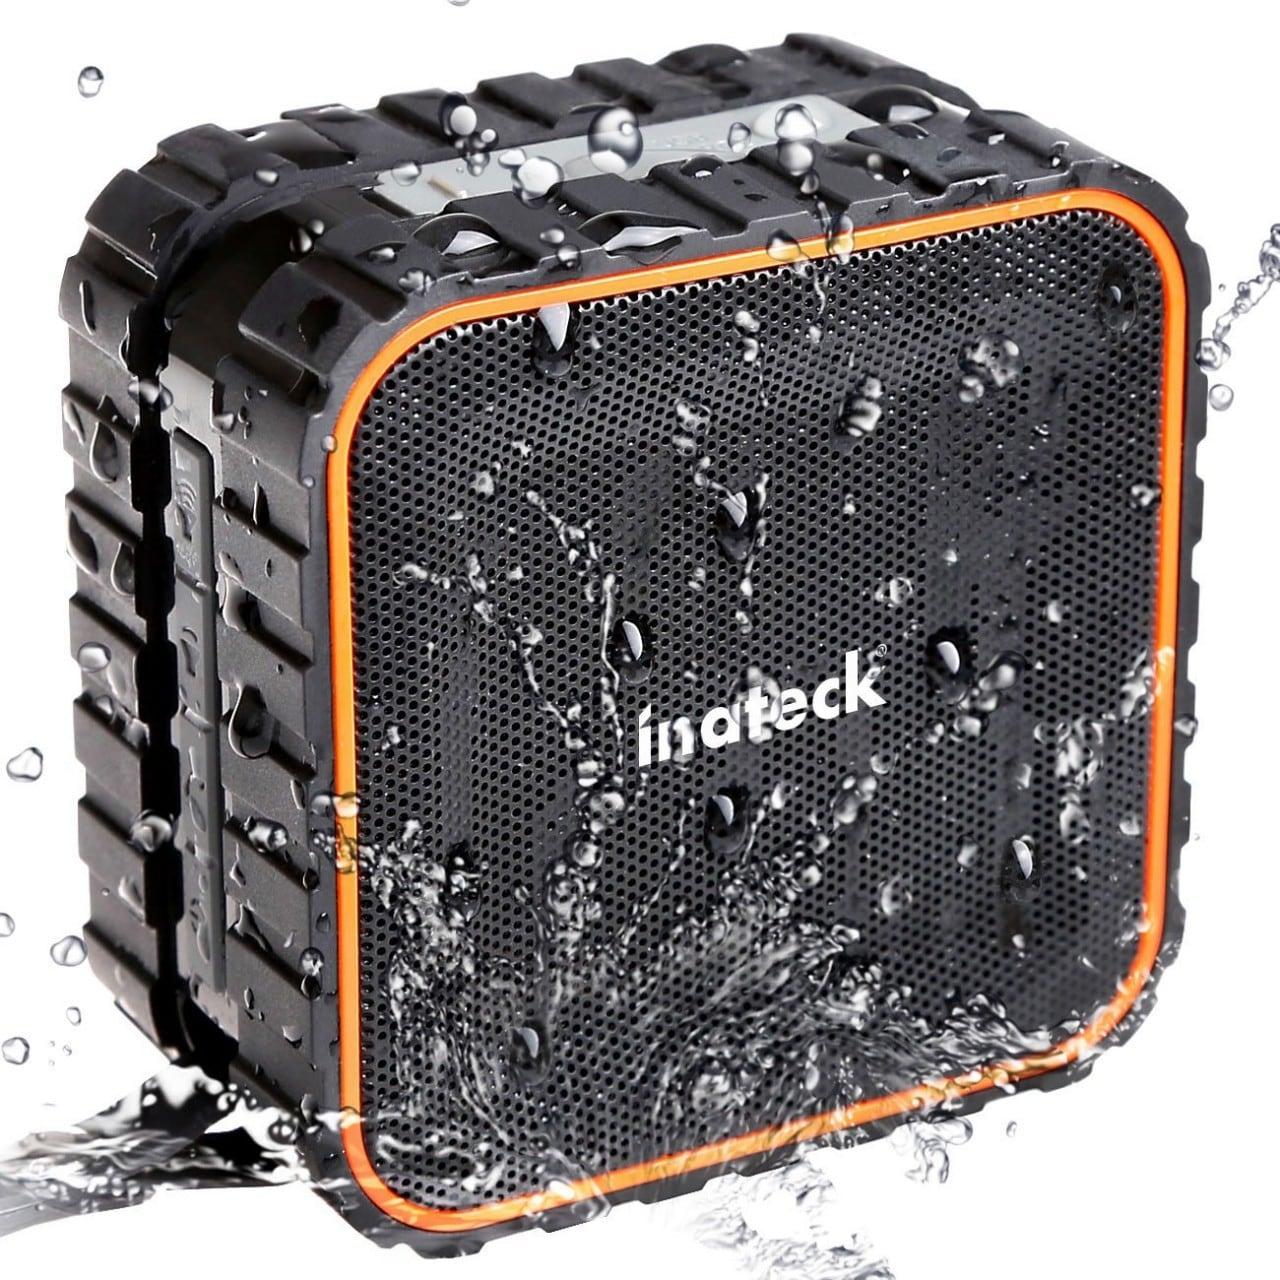 Inateck Bluetooth Speaker BTSP-20 -  00005